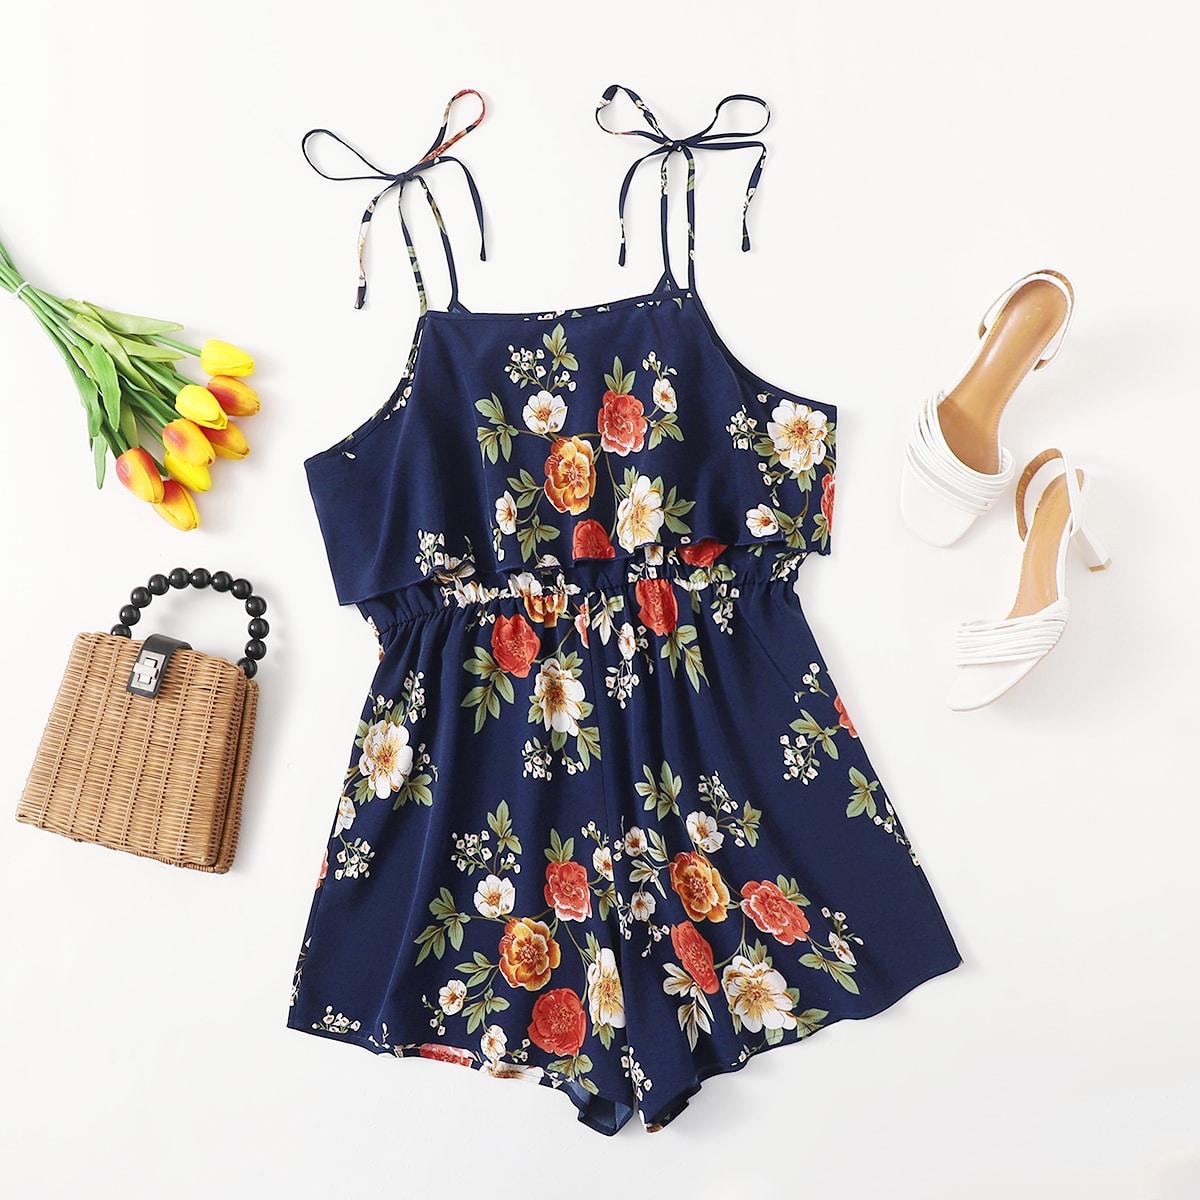 Cami Jumpsuit mit Blumen Muster und Knoten auf Schultern